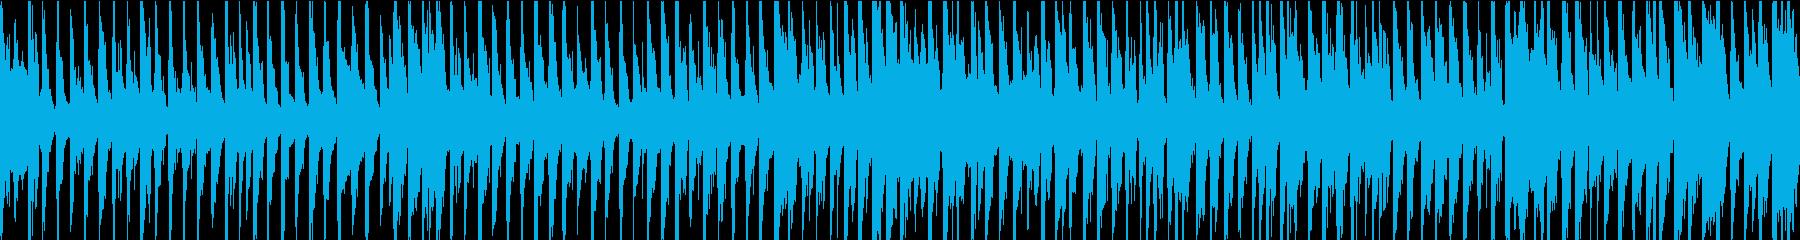 幸せで使いやすいレゲエトラック。ド...の再生済みの波形